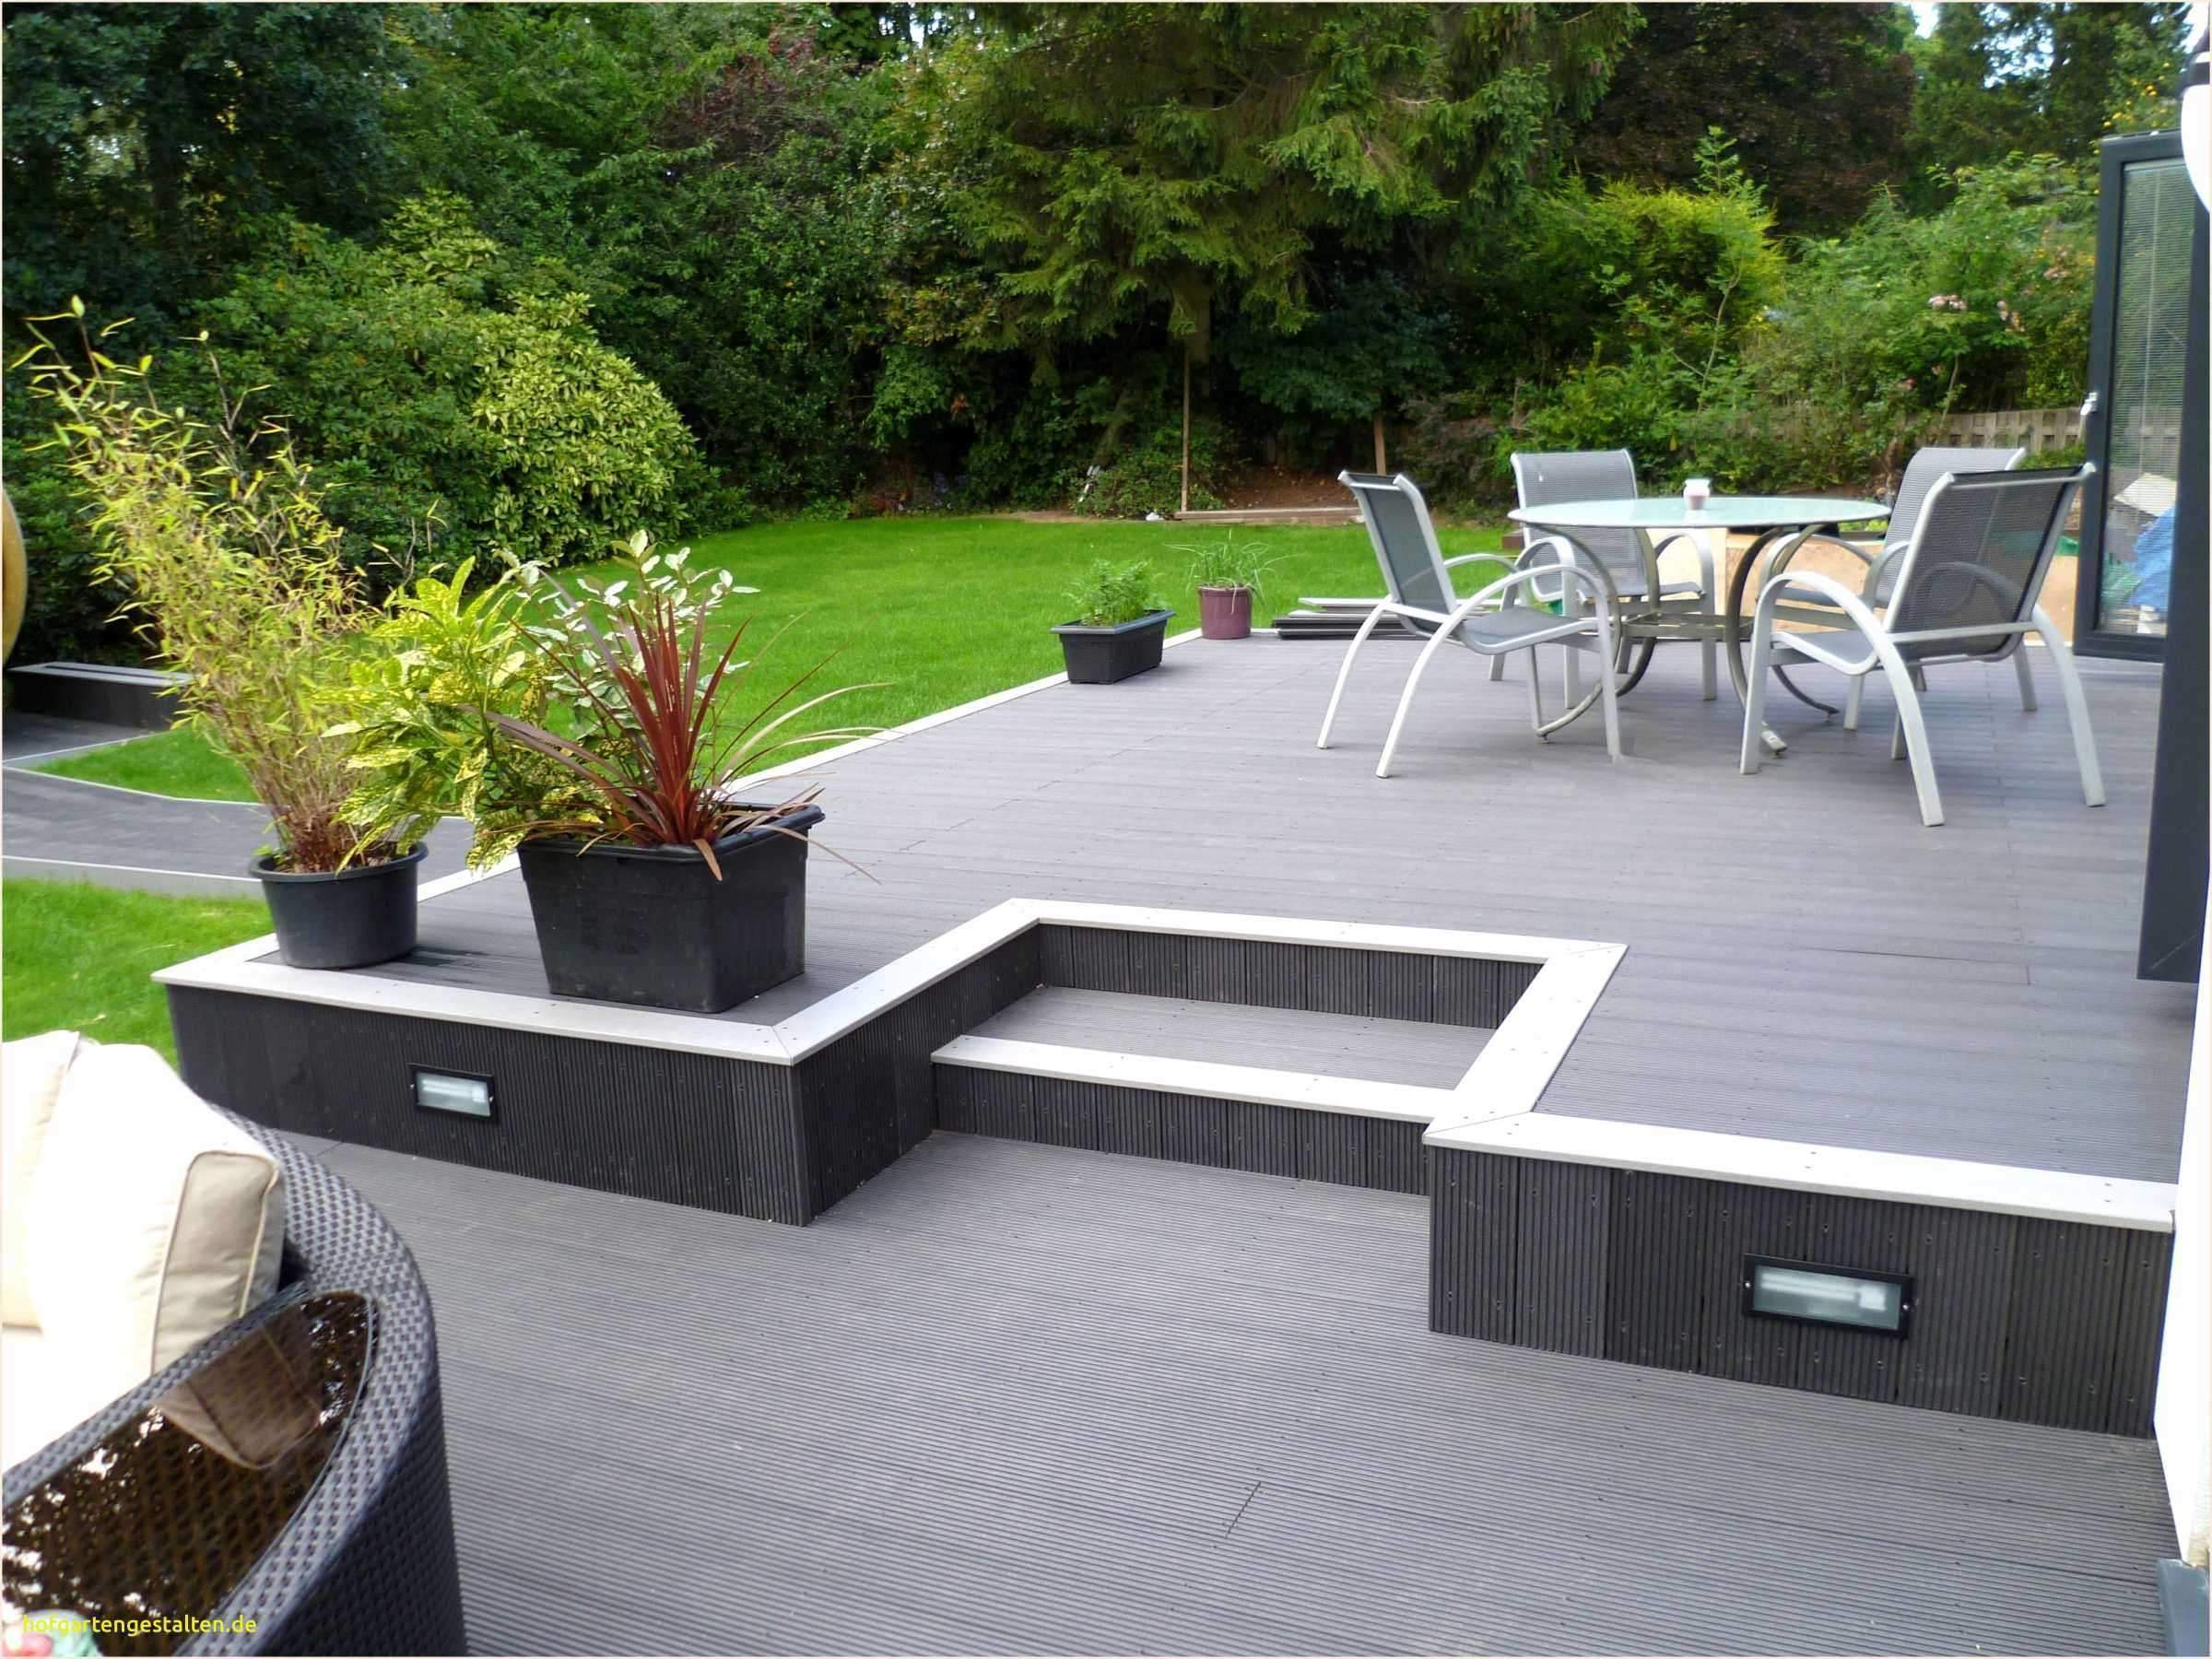 Gartengestaltung Kleiner Garten Inspirierend 31 Genial Schaukelstuhl Garten Das Beste Von